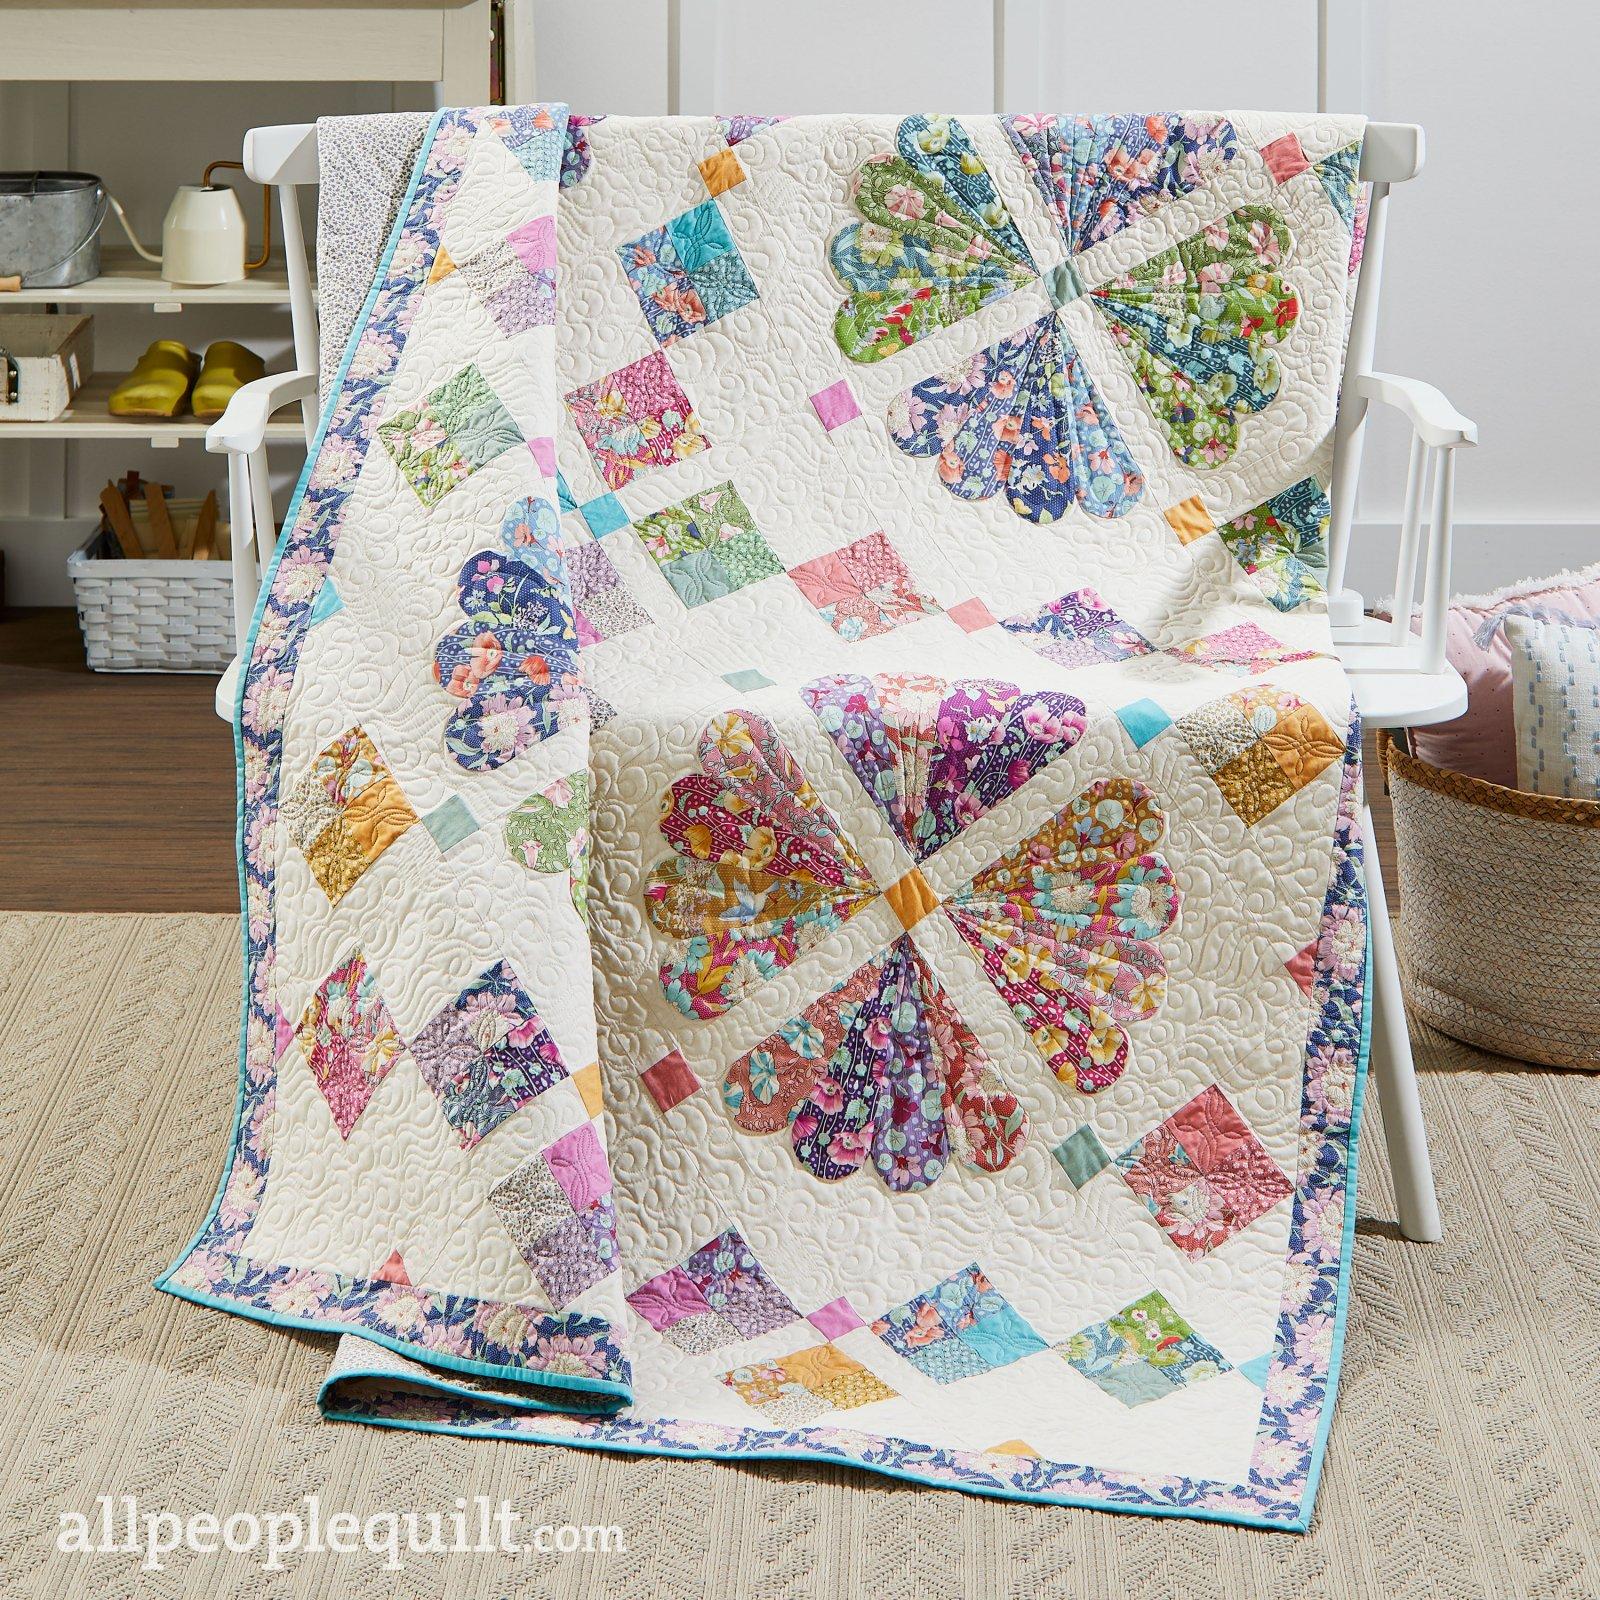 PRE-ORDER Floral Fancy Quilt Kit